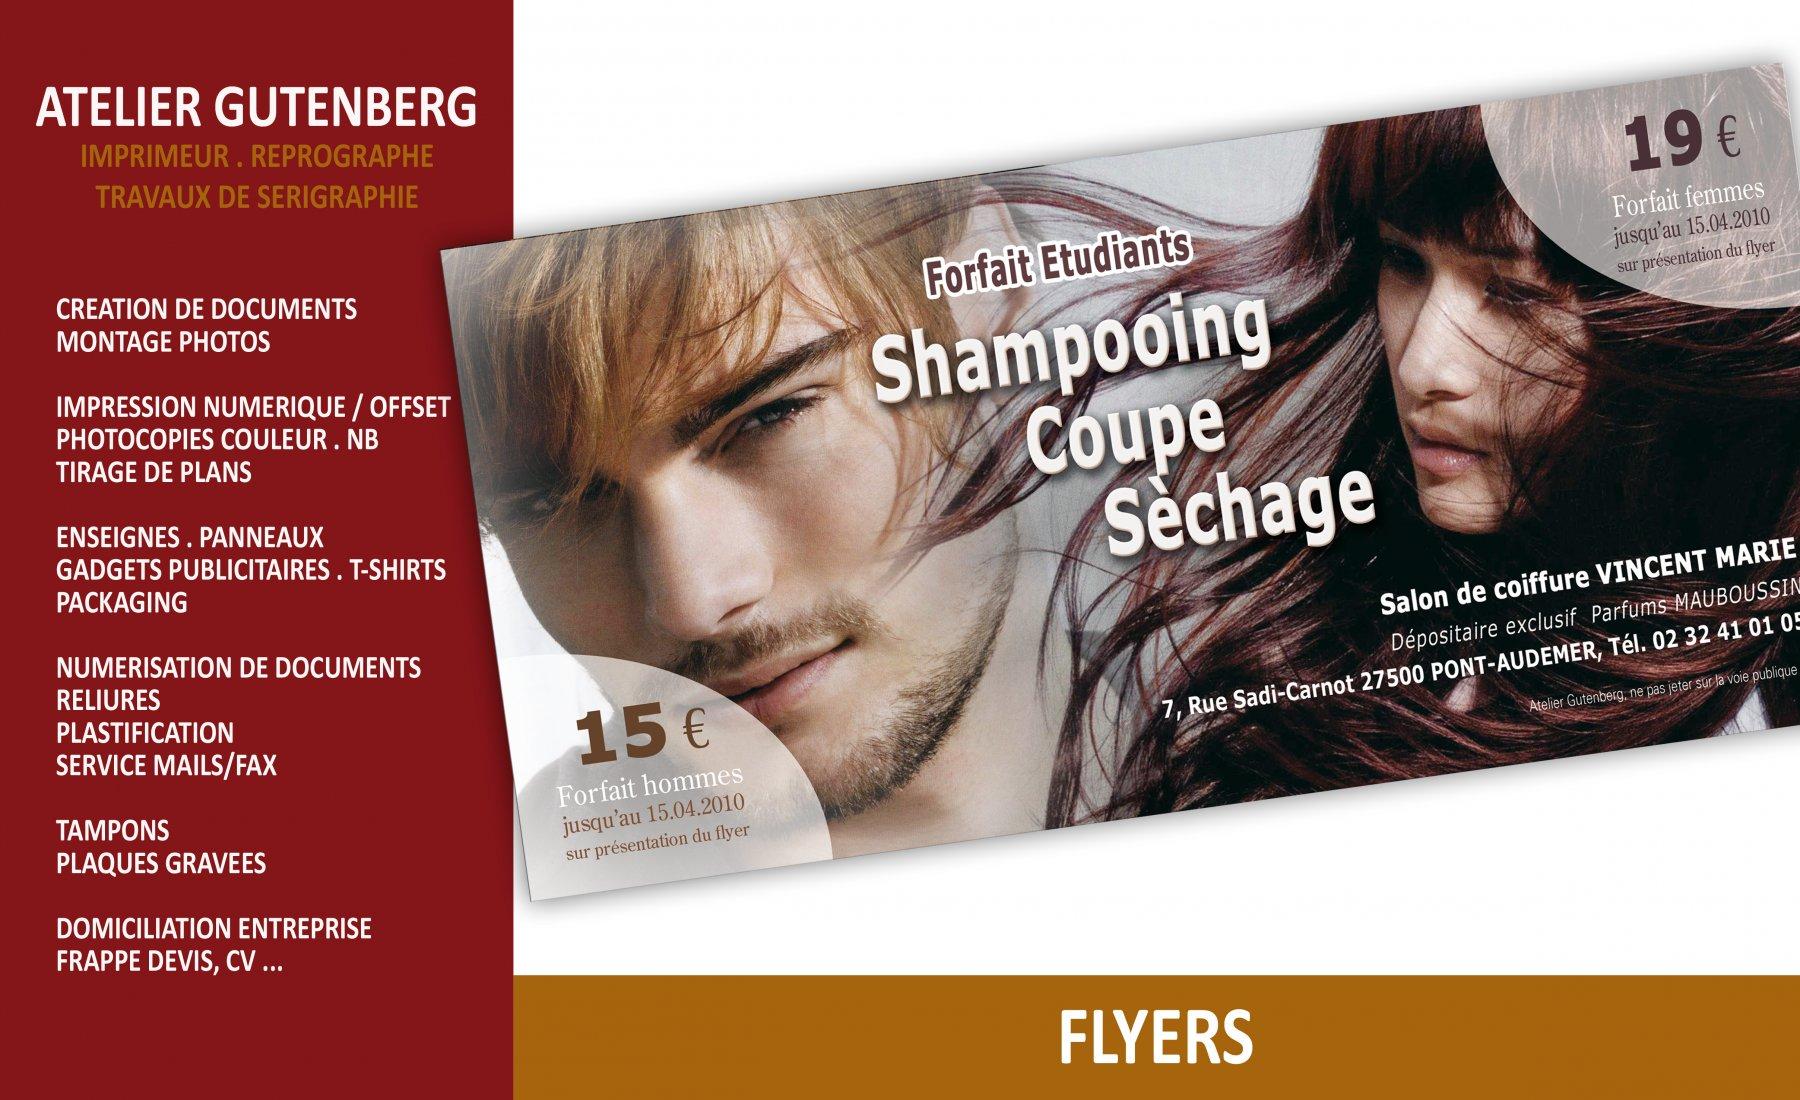 atelier gutenberg flyer pour coiffeur format 210 x 100 impression quadri sur couché 135 gr.